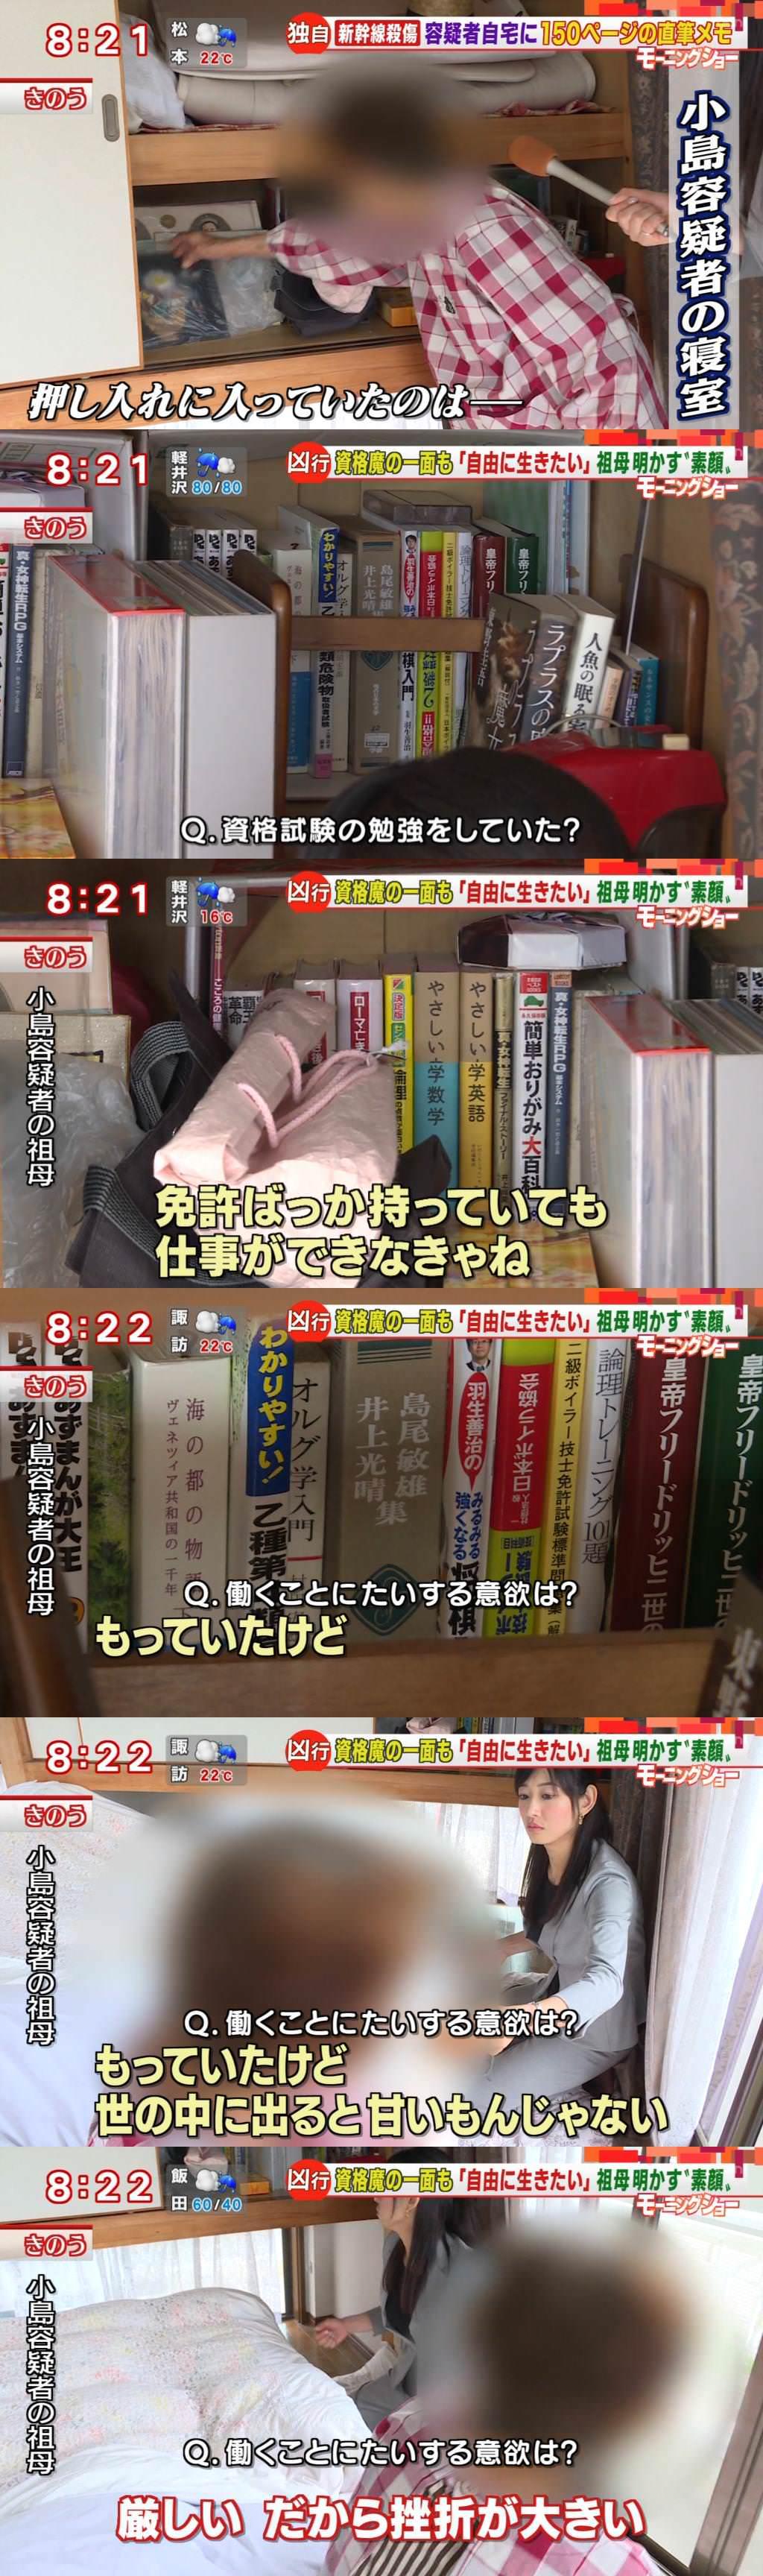 【新幹線3人殺傷】死亡の男性、女性をかばおうと容疑者を羽交い締め、反撃され犠牲にの画像